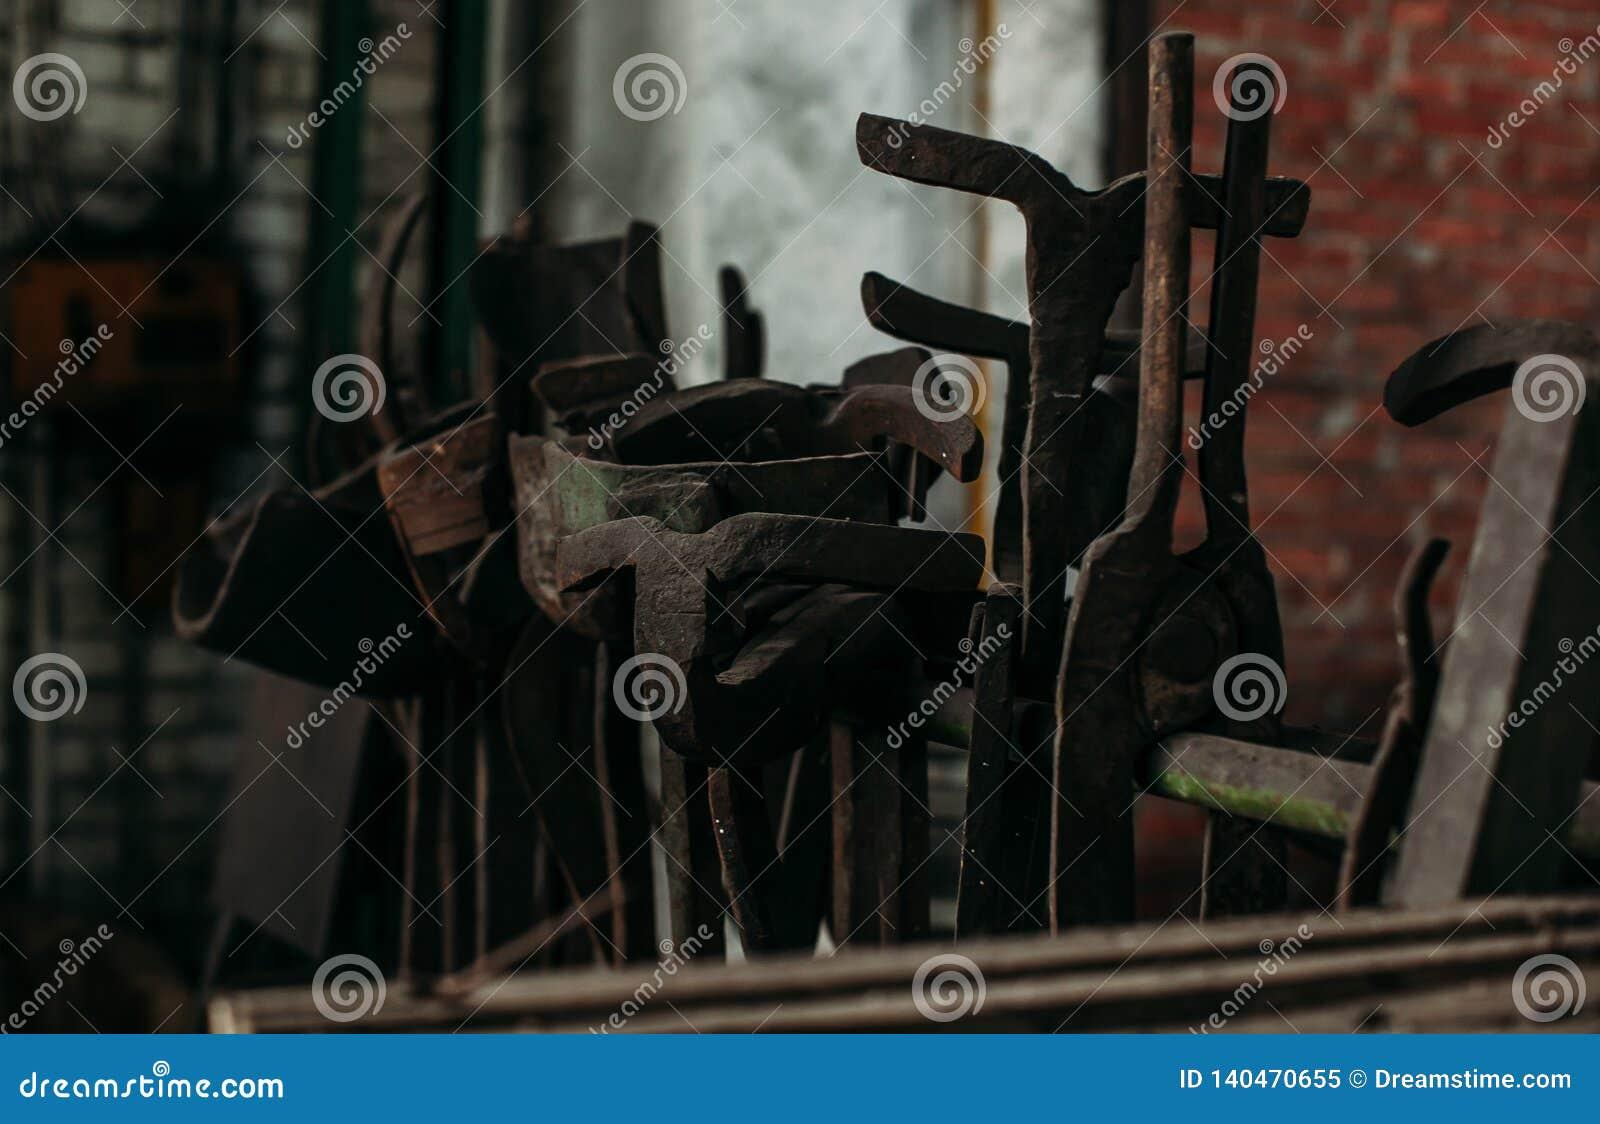 Vieilles machines-outils industrielles dans l atelier Équipement rouillé en métal dans l usine abandonnée